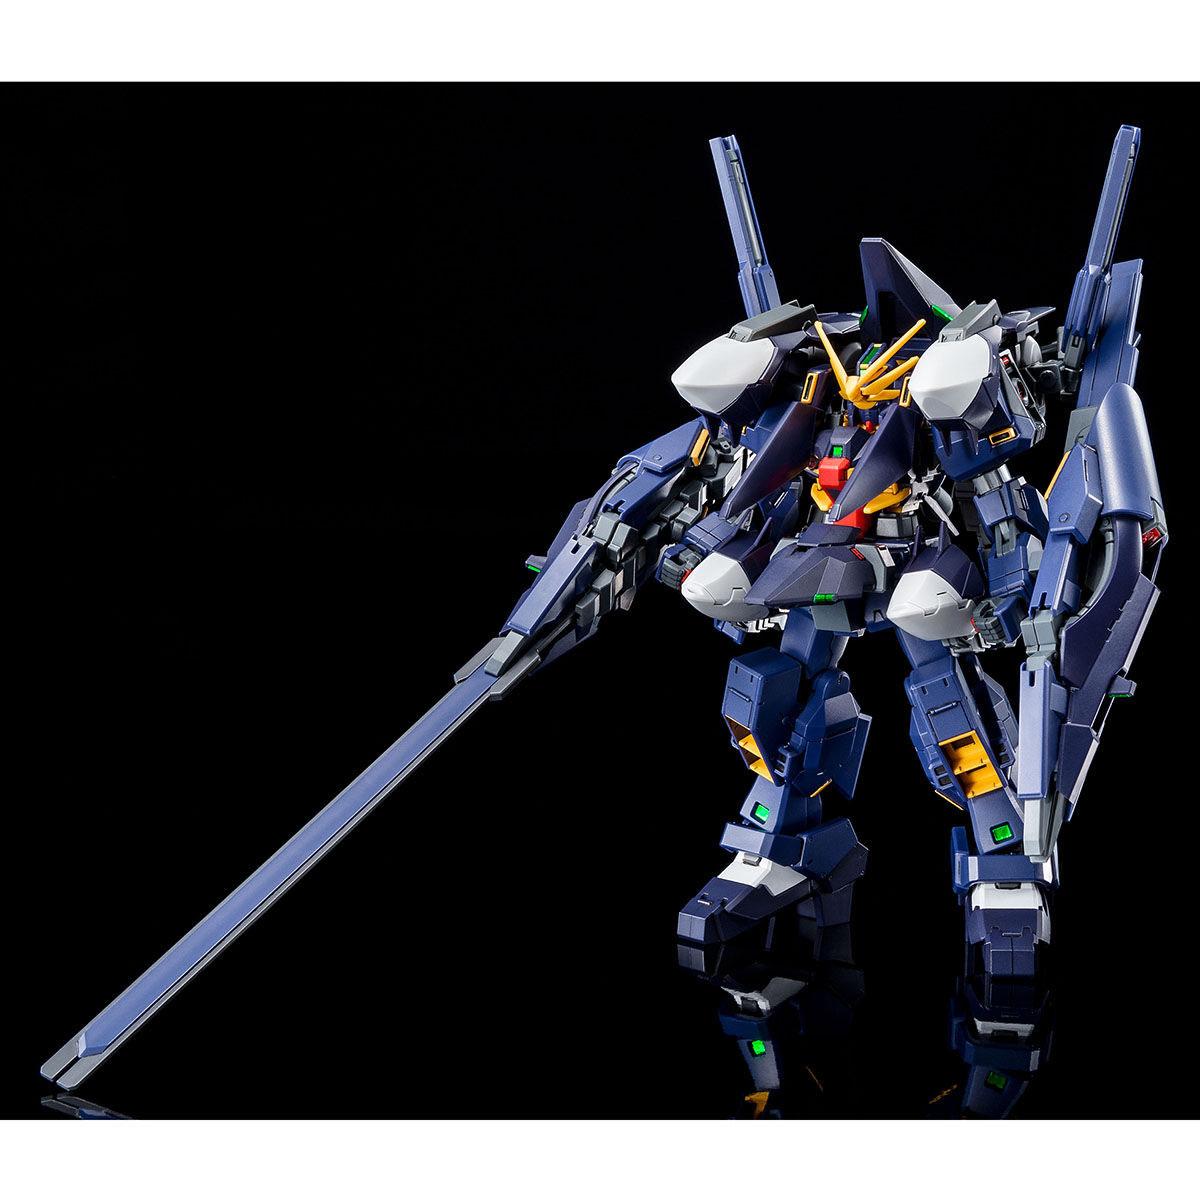 【限定販売】HG 1/144『ガンダムTR-1[ハイゼンスレイ・ラーII]』プラモデル-002